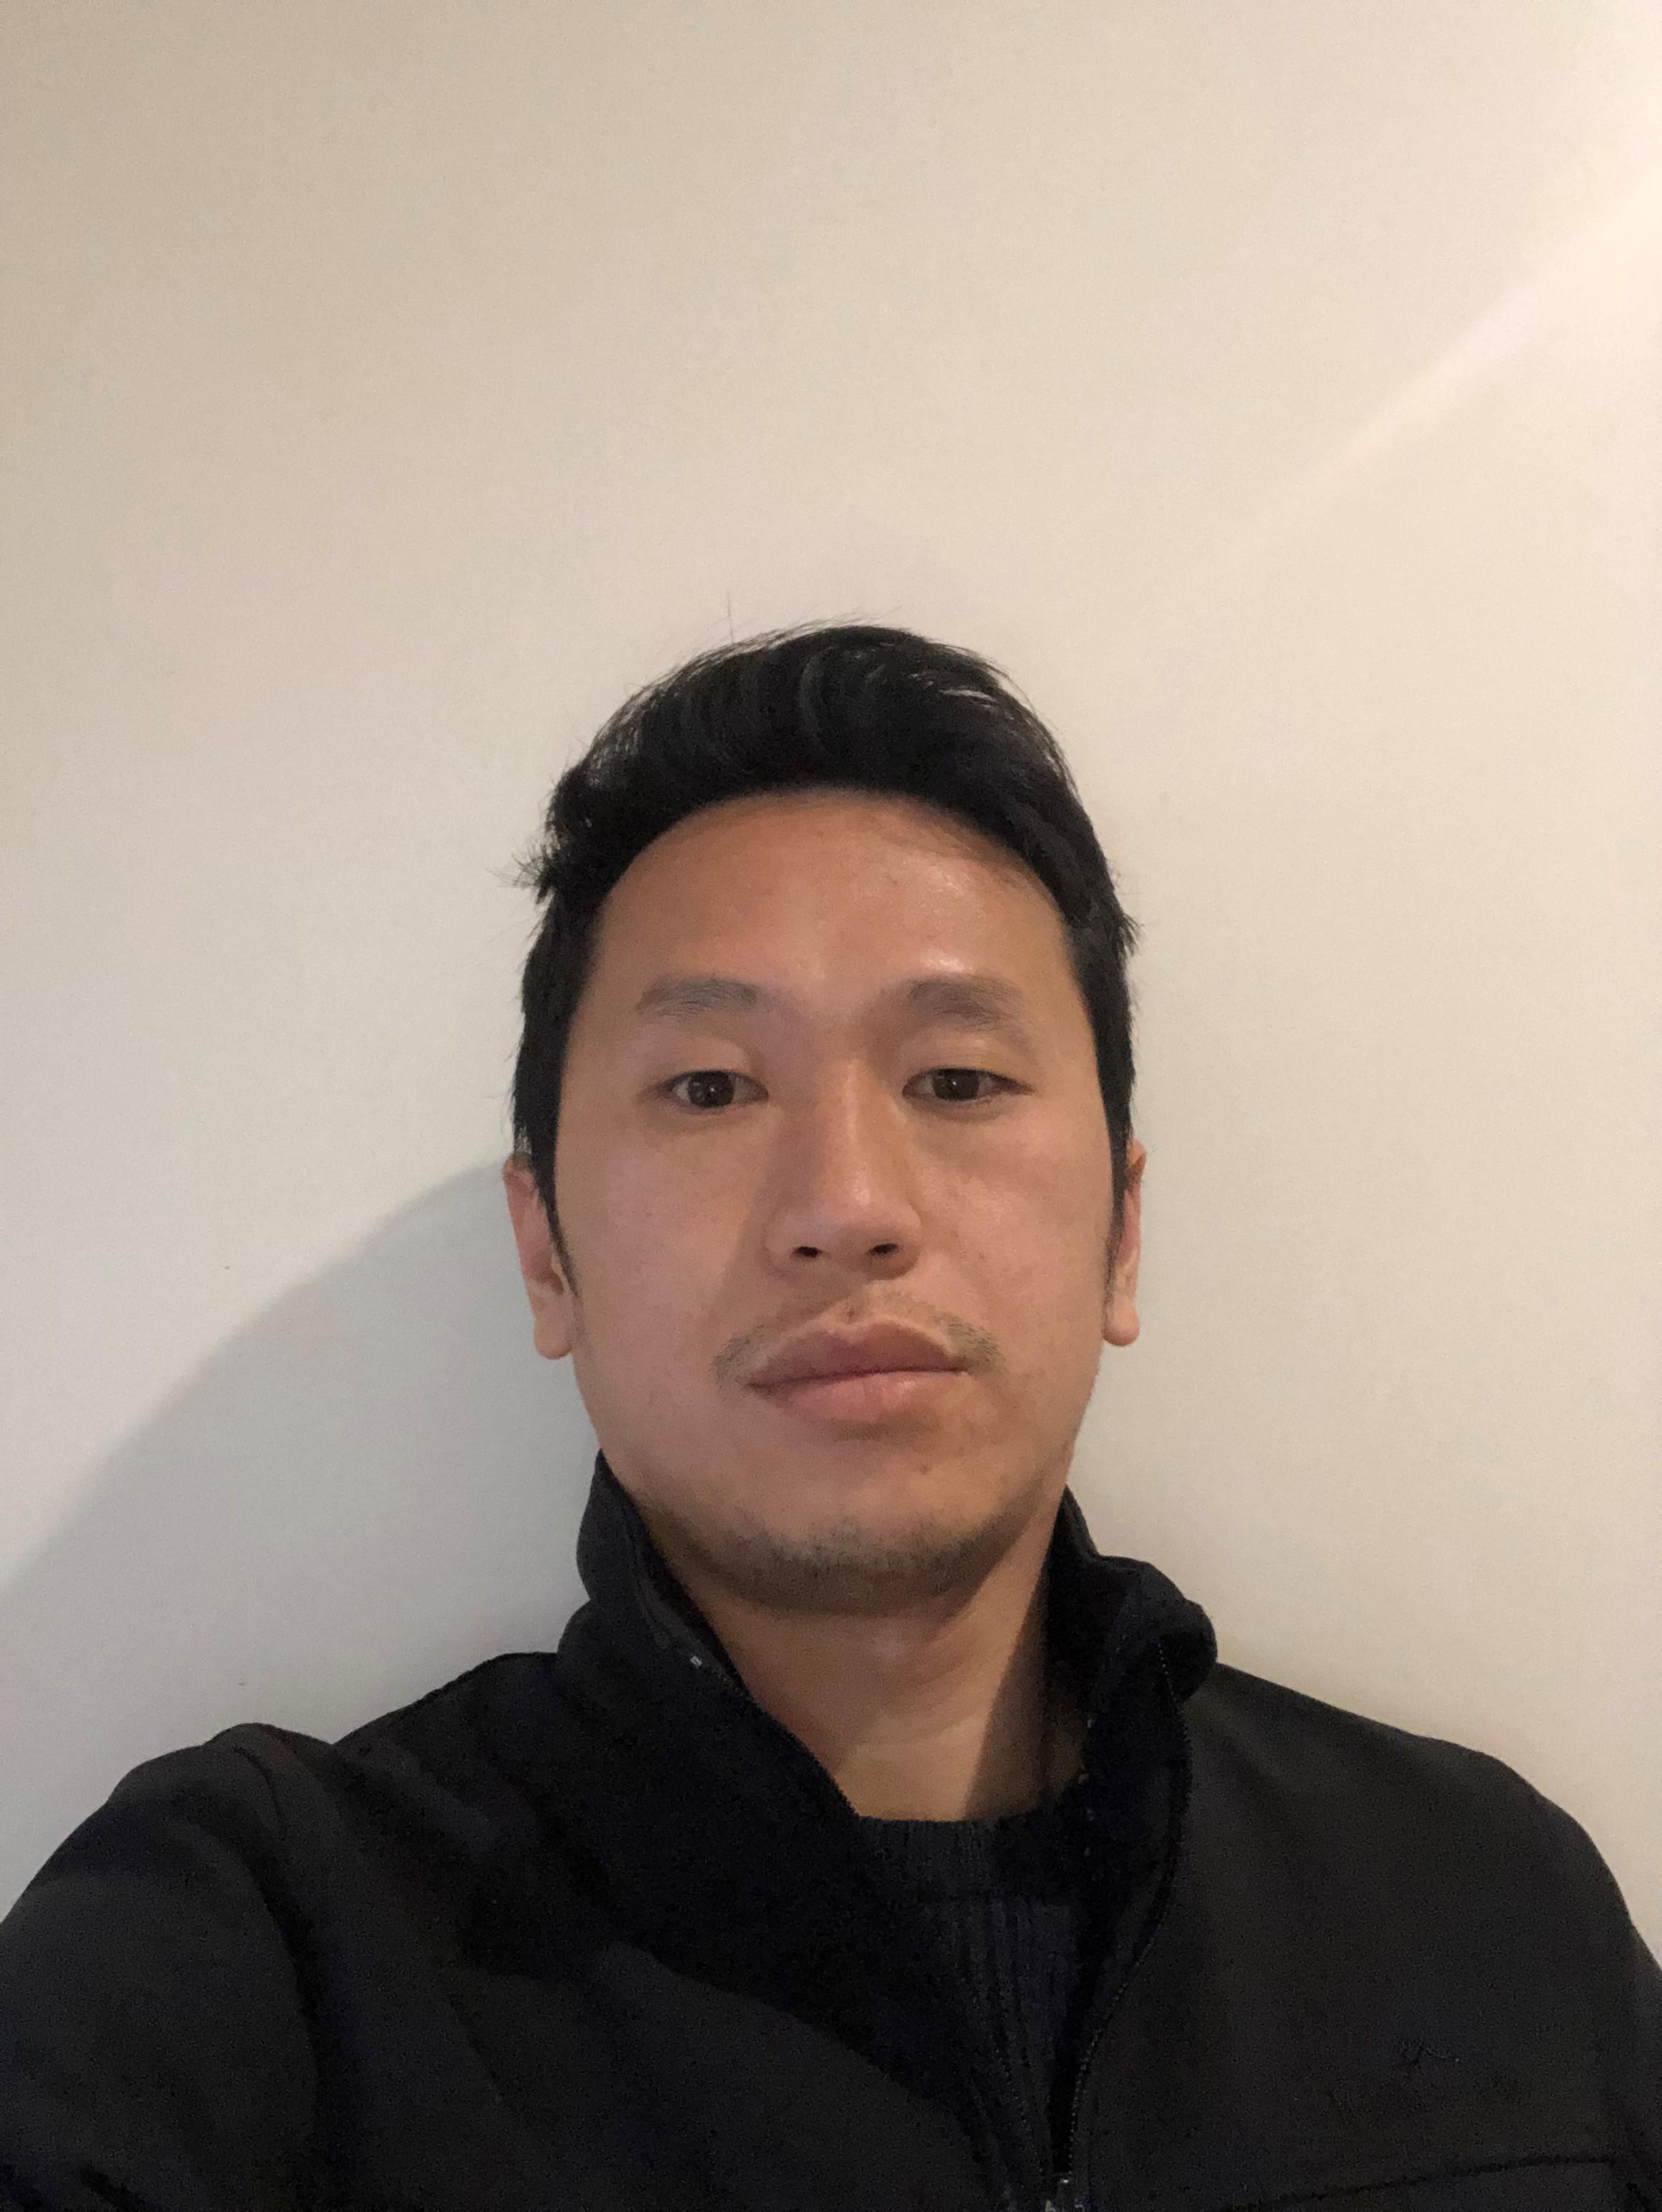 Chi's profile picture